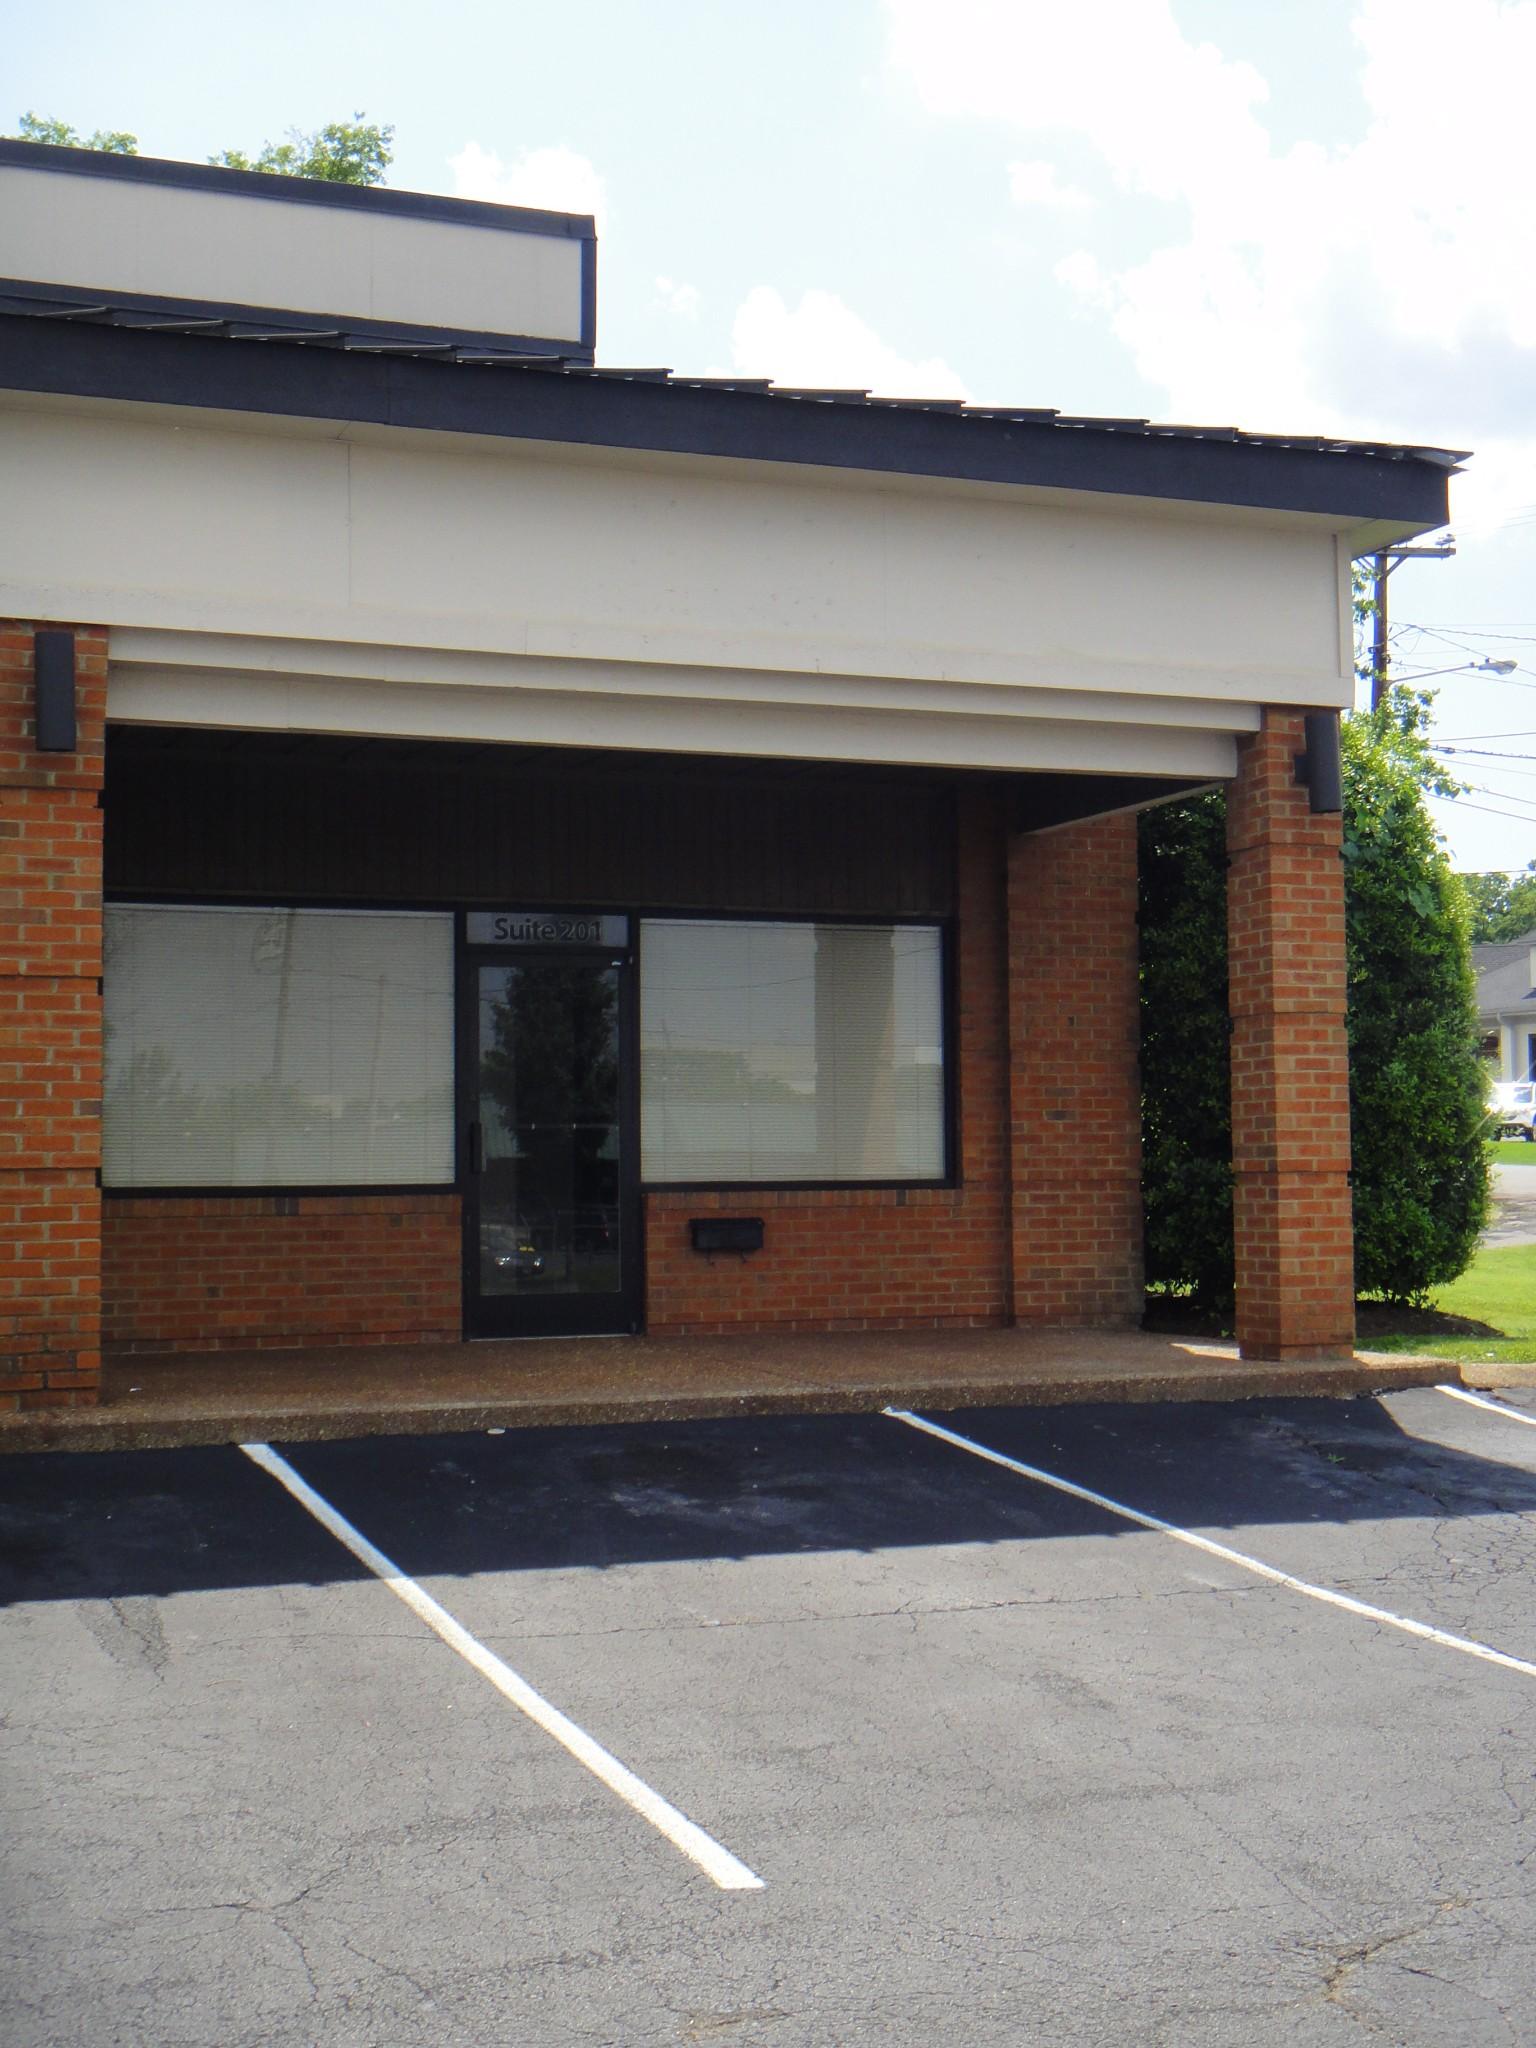 110 Glancy St, Goodlettsville, TN 37072 - Goodlettsville, TN real estate listing